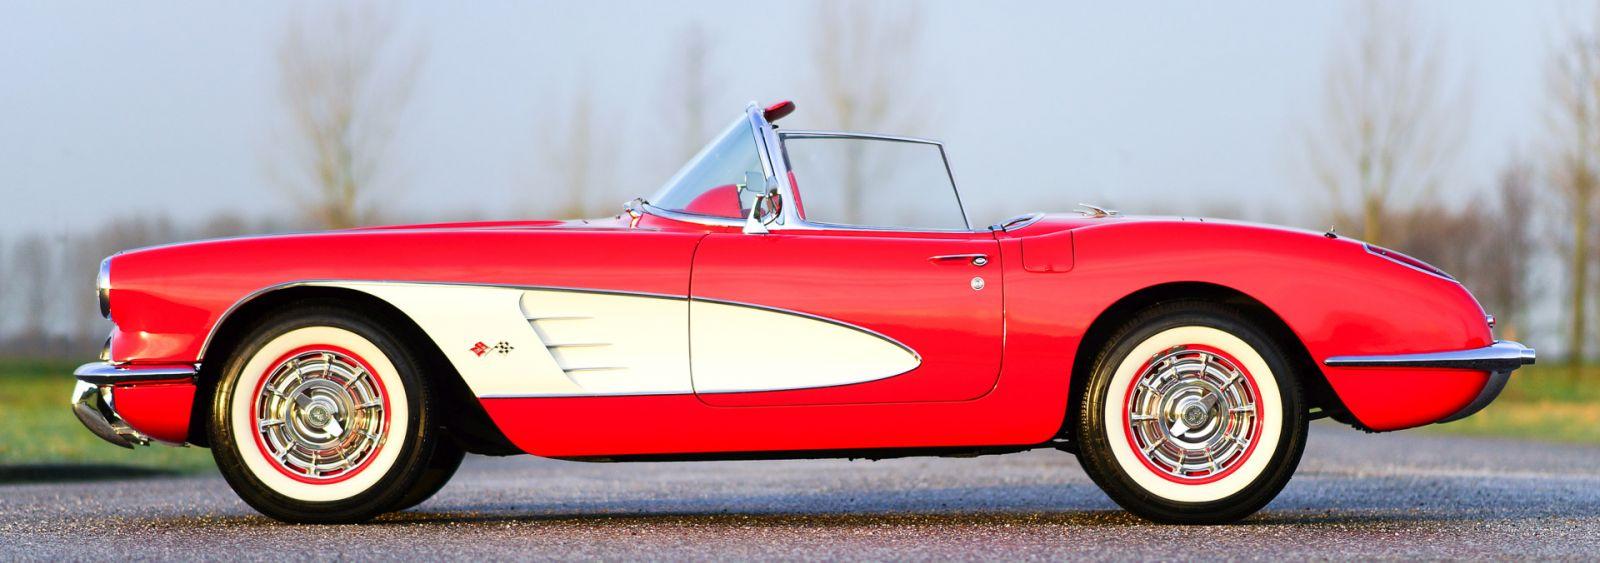 Kelebihan Kekurangan Corvette 1960 Top Model Tahun Ini